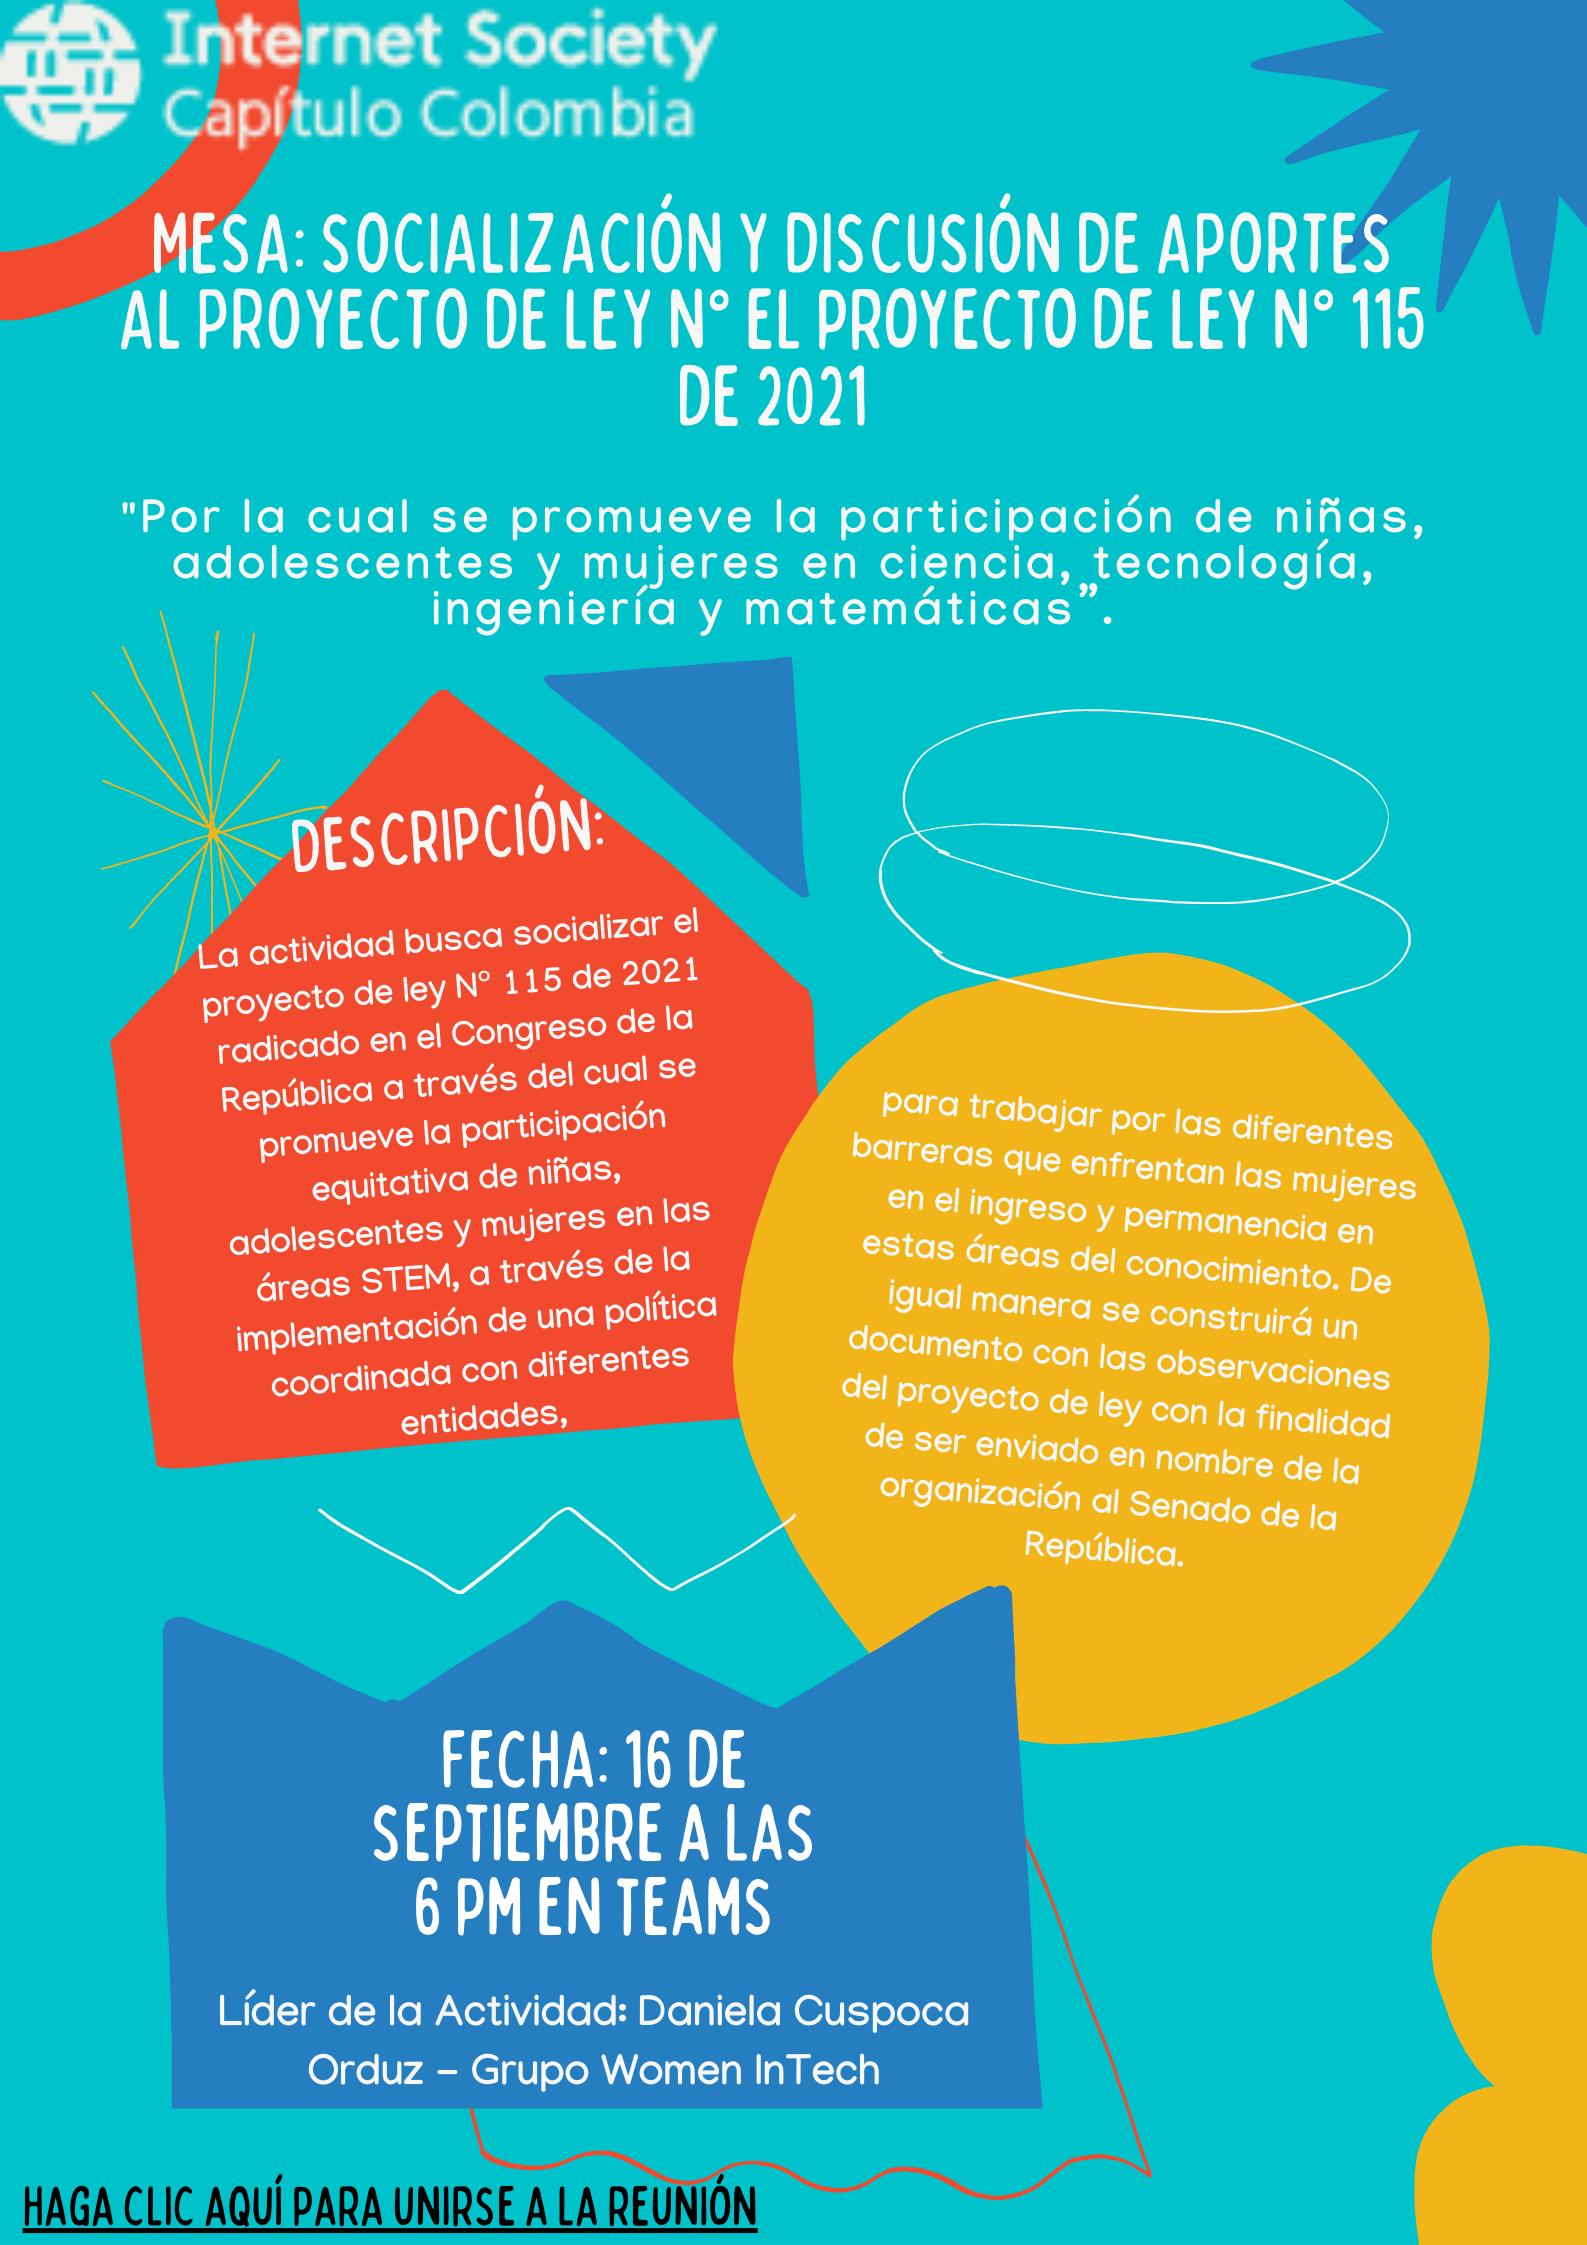 Imagen alusiva a Mesa de trabajo Ley 115-2021 promueve la participación equitativa de niñas, adolescentes y mujeres en las áreas STEM